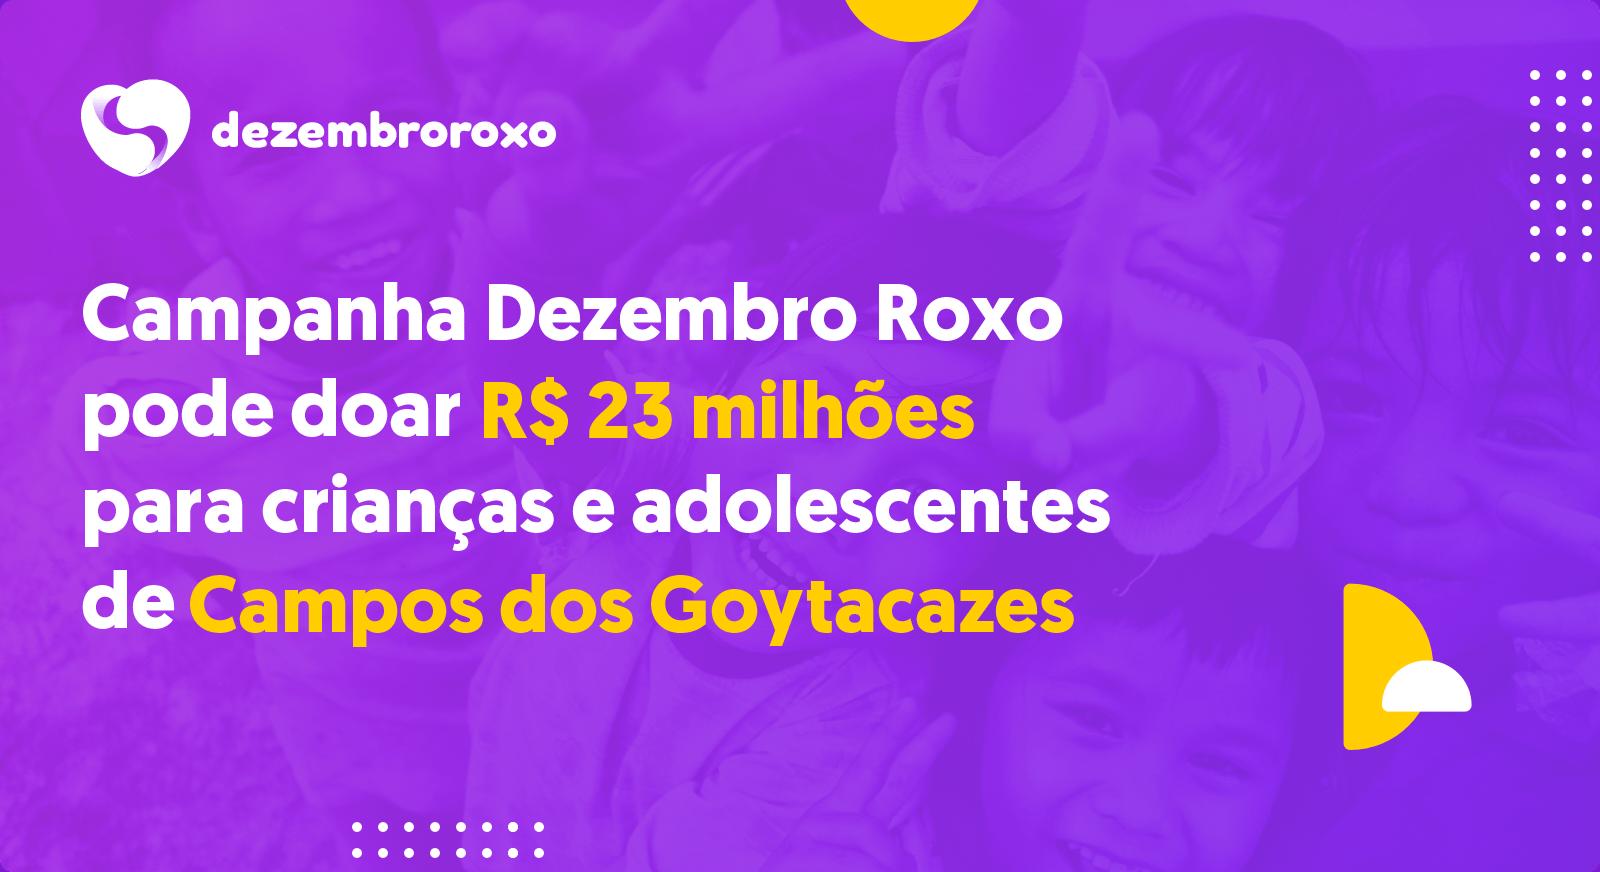 Doações em Campos dos Goytacazes - RJ